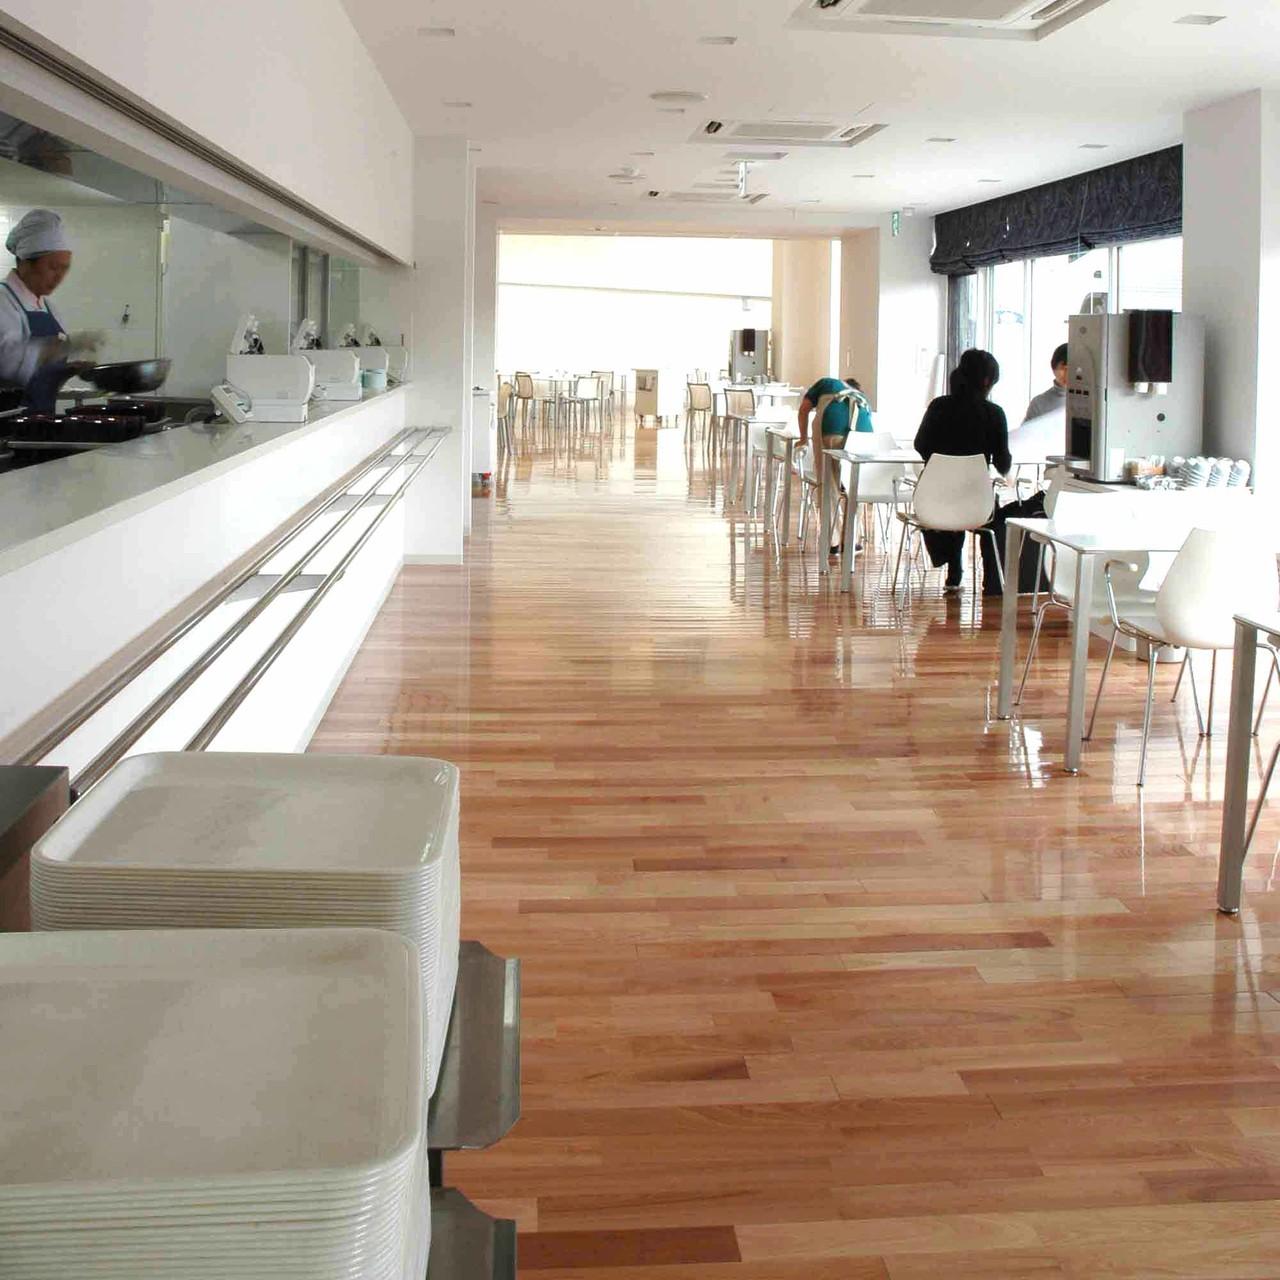 社員食堂 床(フローリング) フローリングにサクラ材を使用することで、やわらかく温かい空間になり癒しの空間に最適です